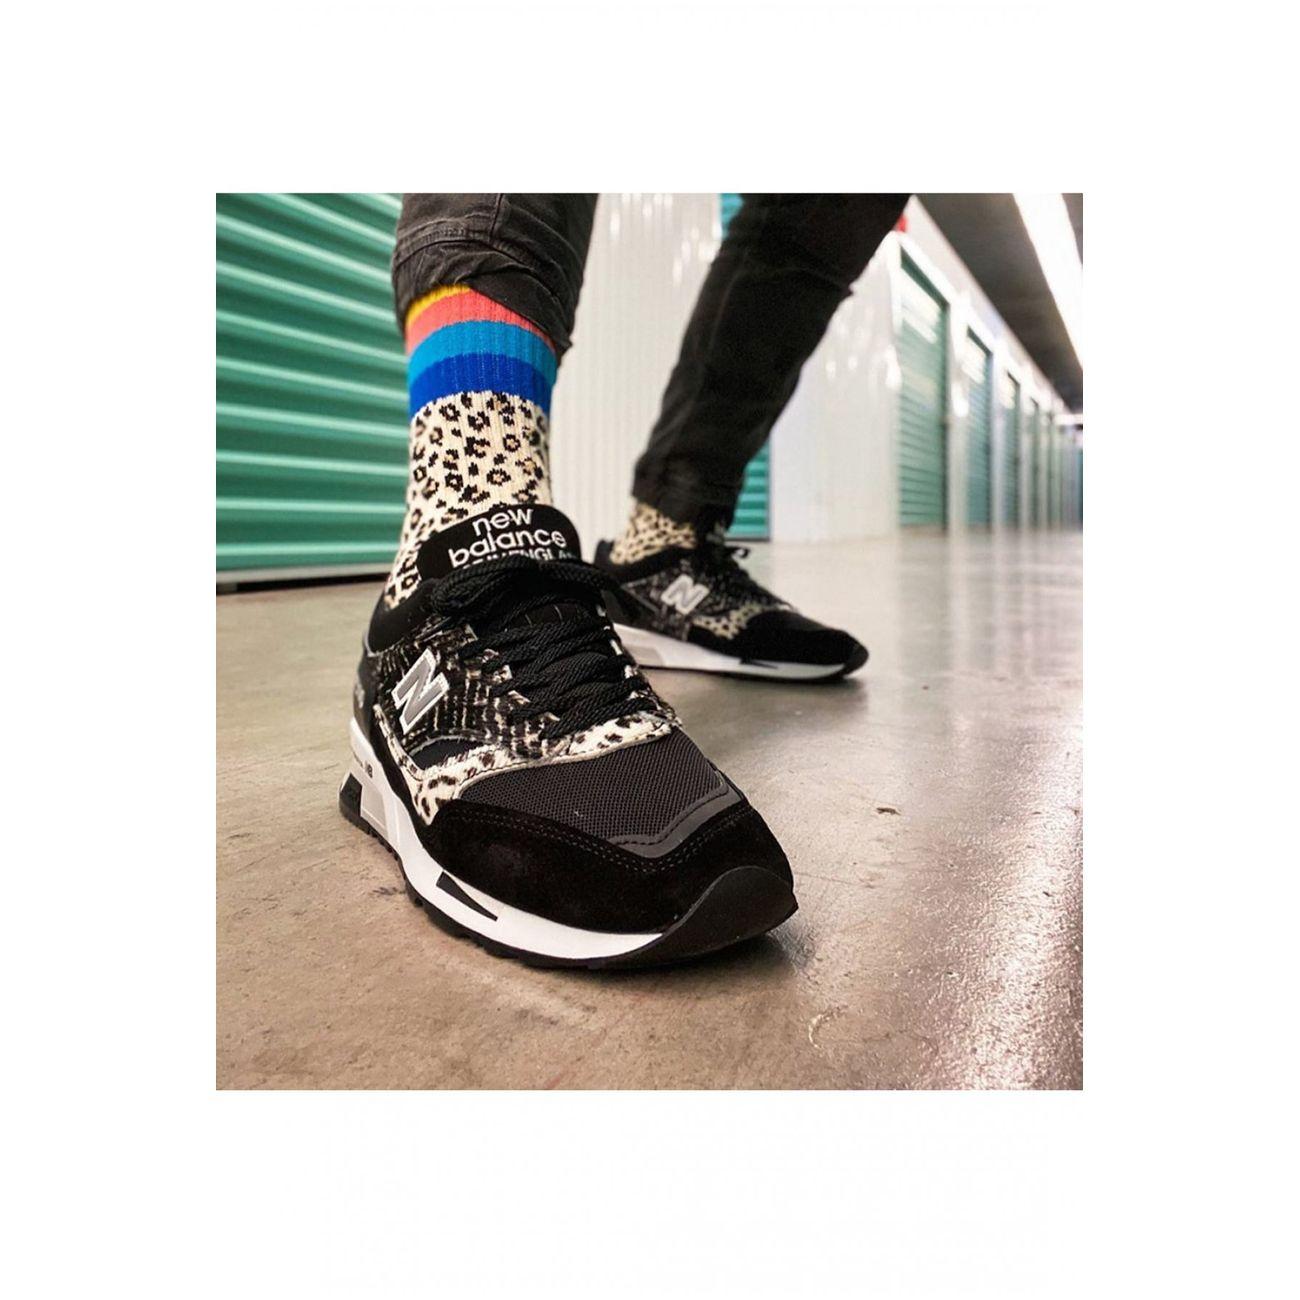 homme NEW BALANCE Sneakers en cuir et peau - New balance - Homme